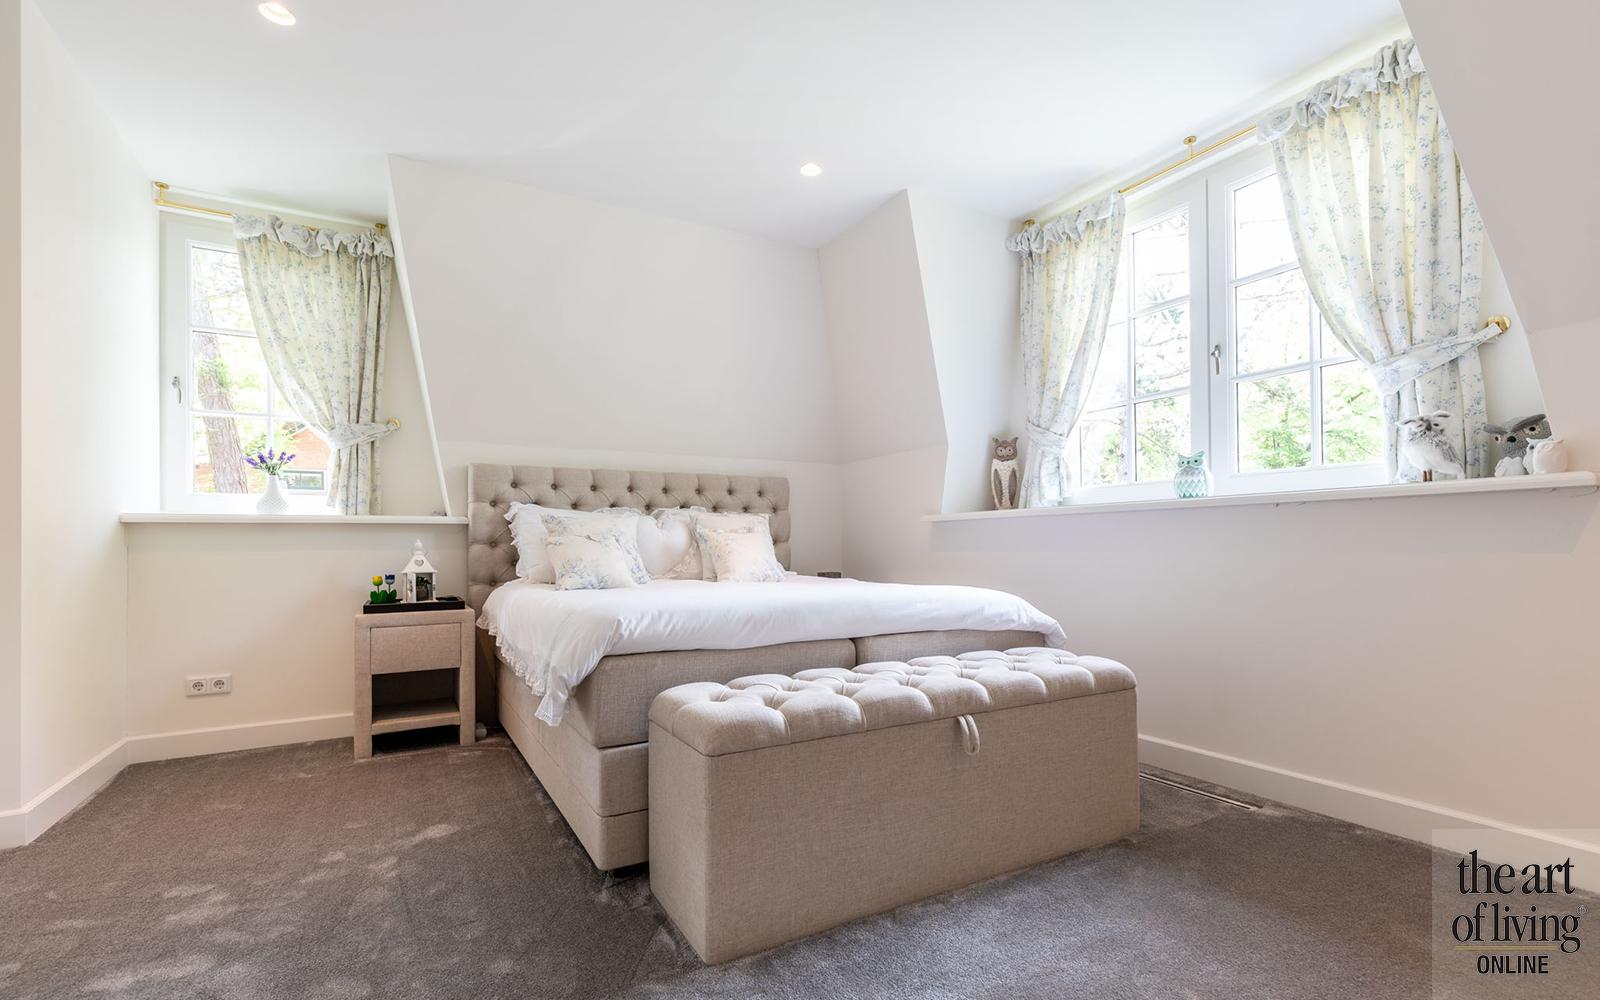 Klassiek-Landelijke slaapkamer door Architectenbureau Atelier 3 via The Art of Living Online